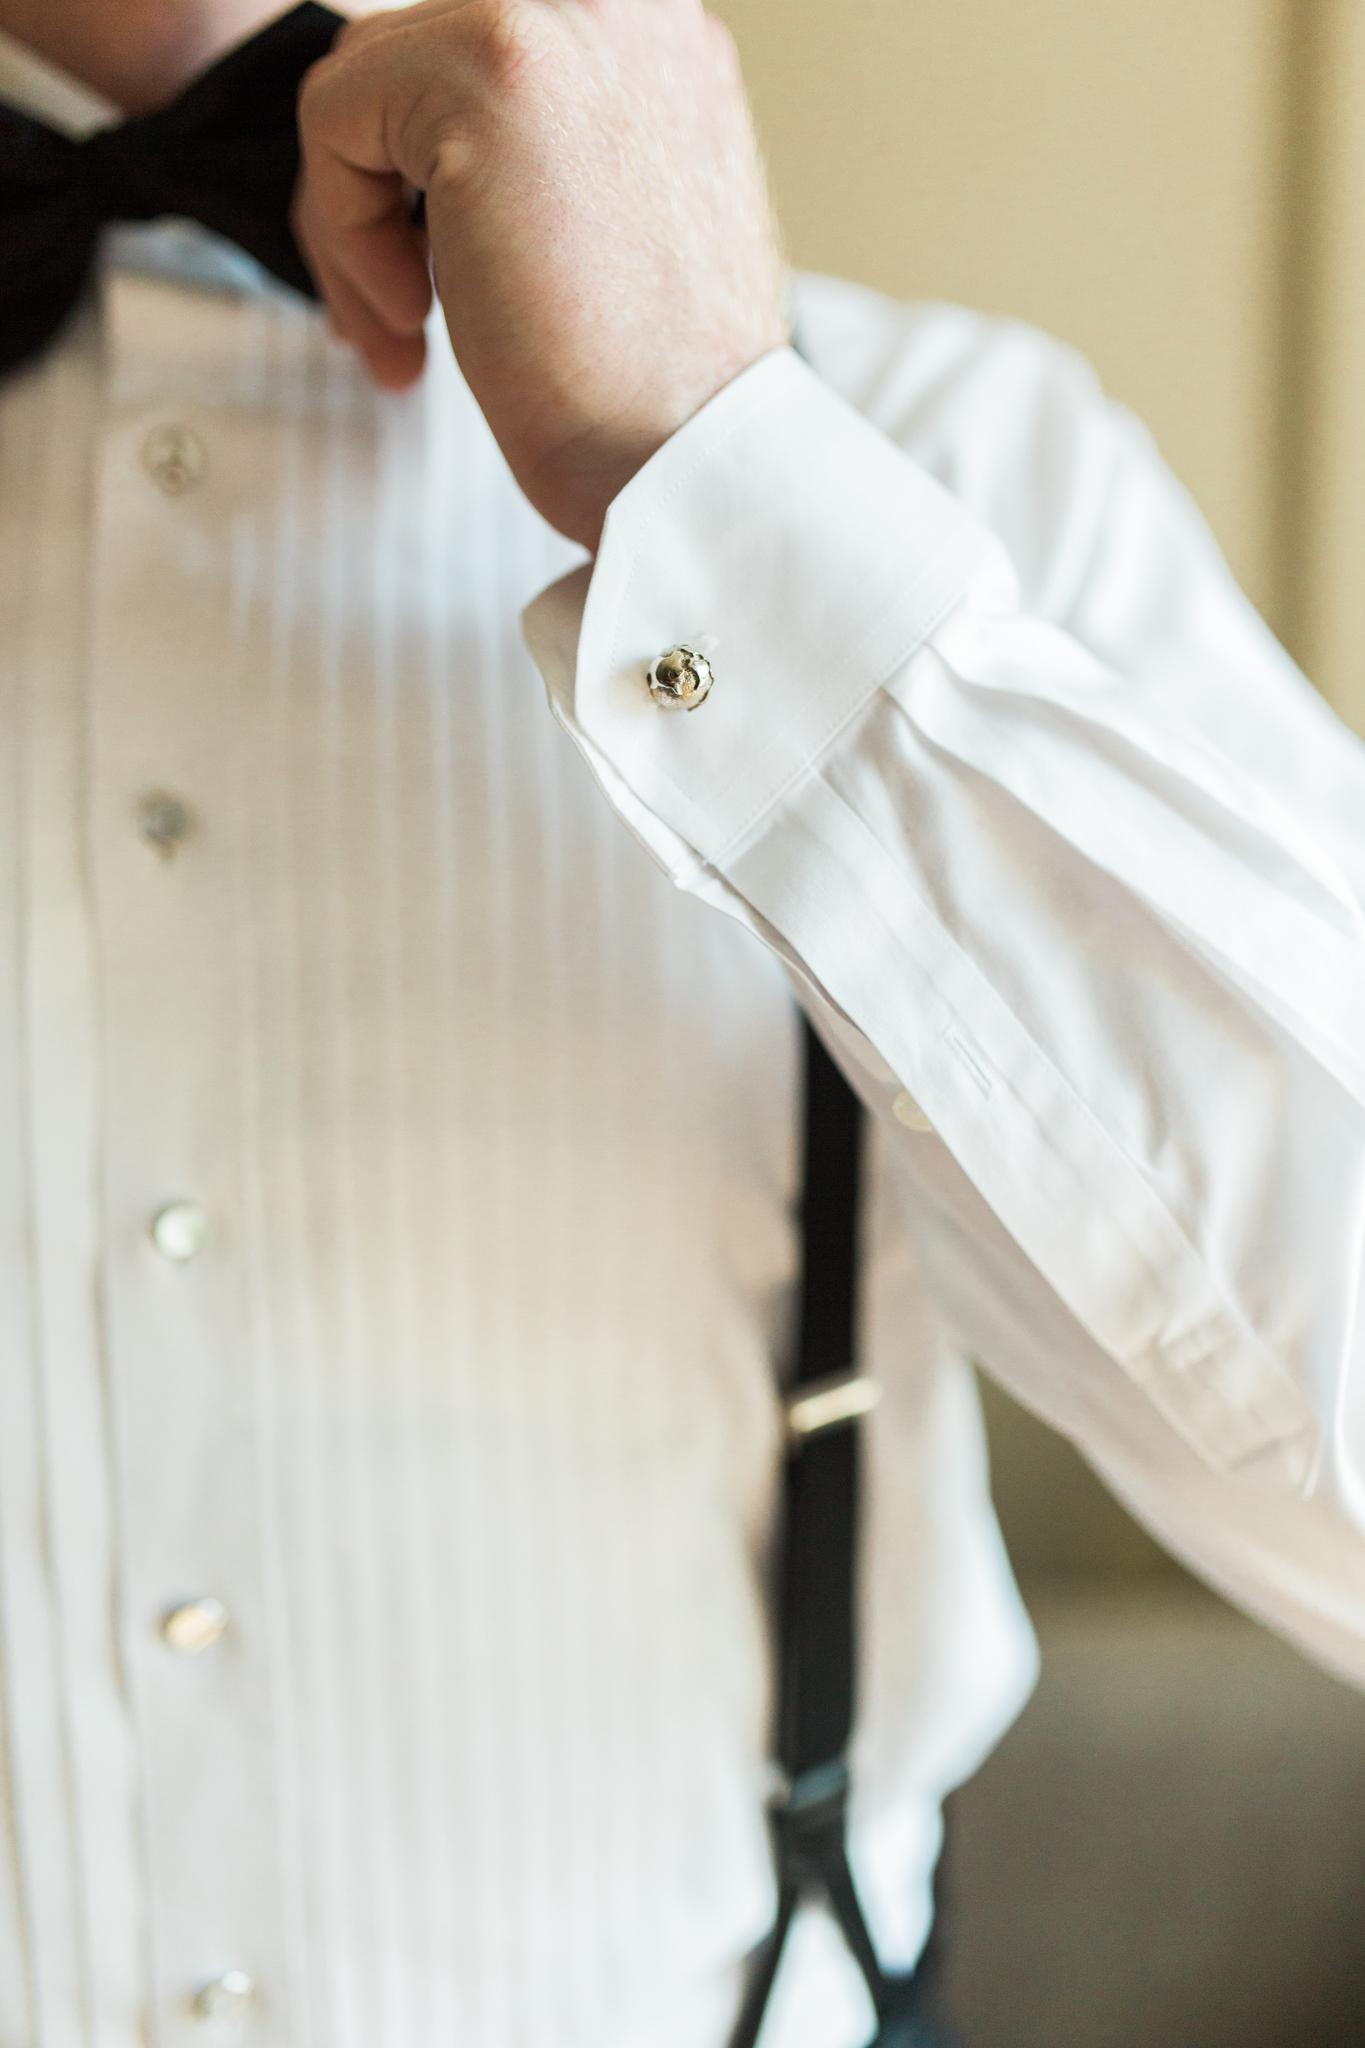 Groom adjusting his bowtie before his wedding